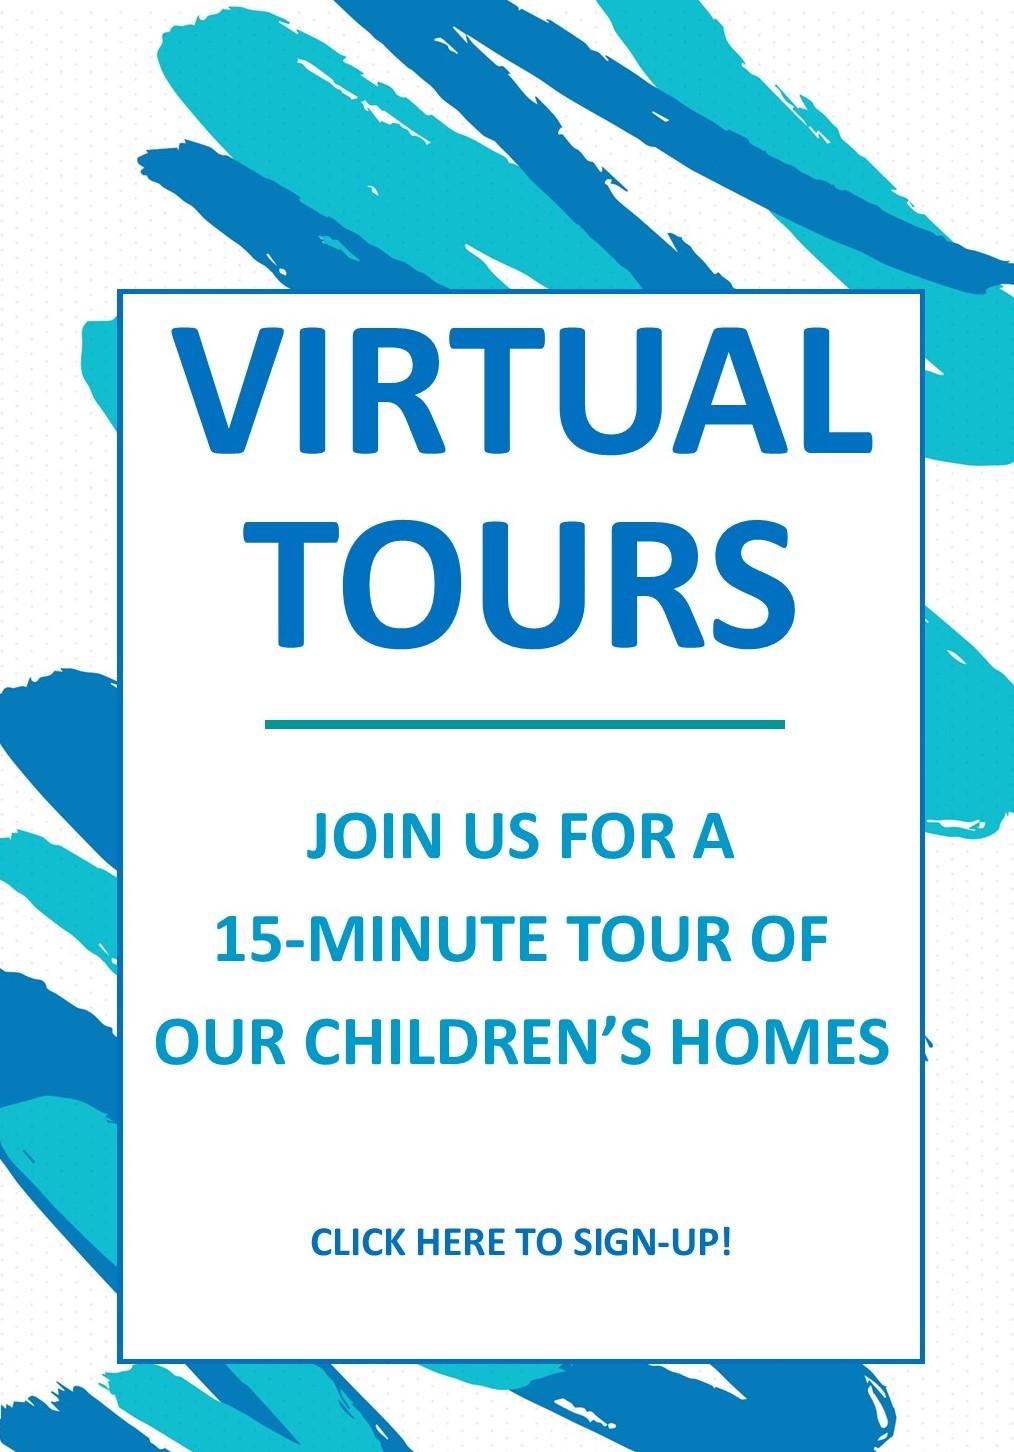 Virtual tour info